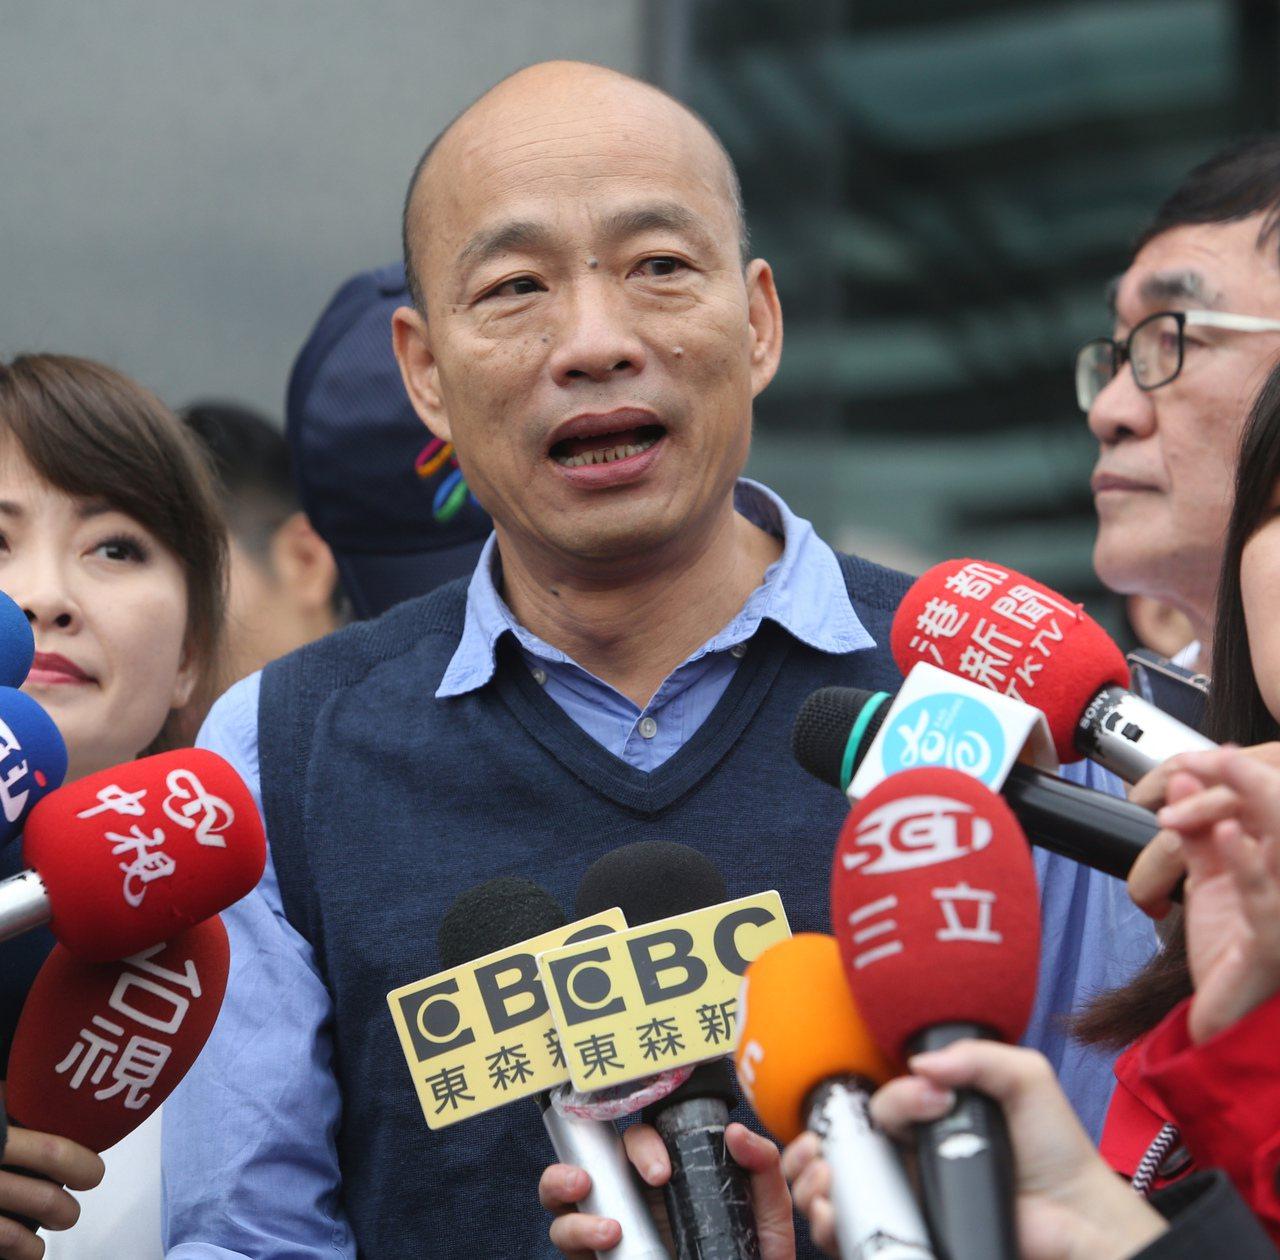 高雄昨天大雨後,市長韓國瑜昨天到一家餐廳參加餐飲業者活動,引發爭議。韓國瑜今天表...